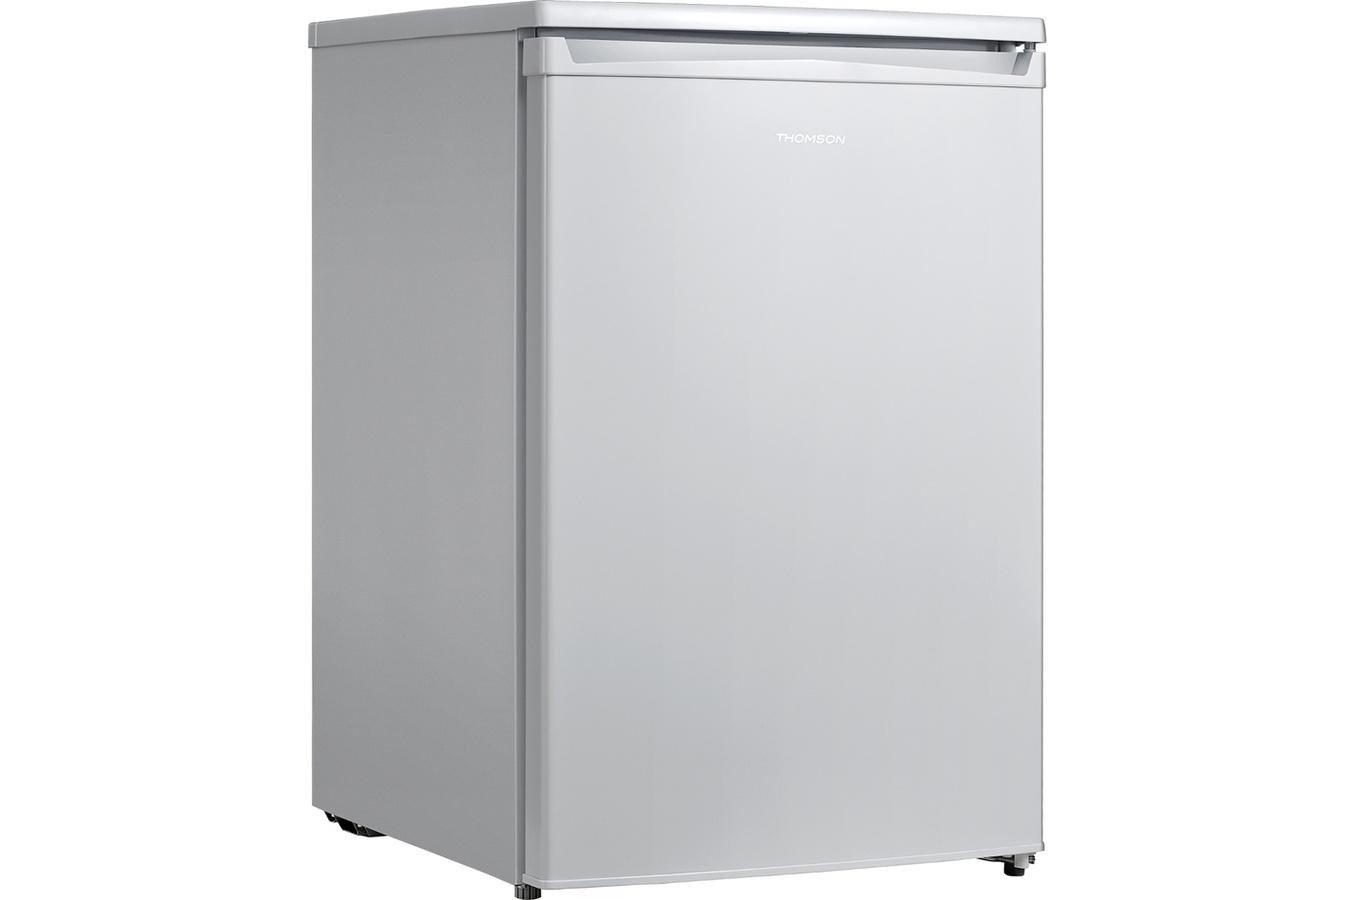 Système frigorifique : les modèles disponibles sur le marché